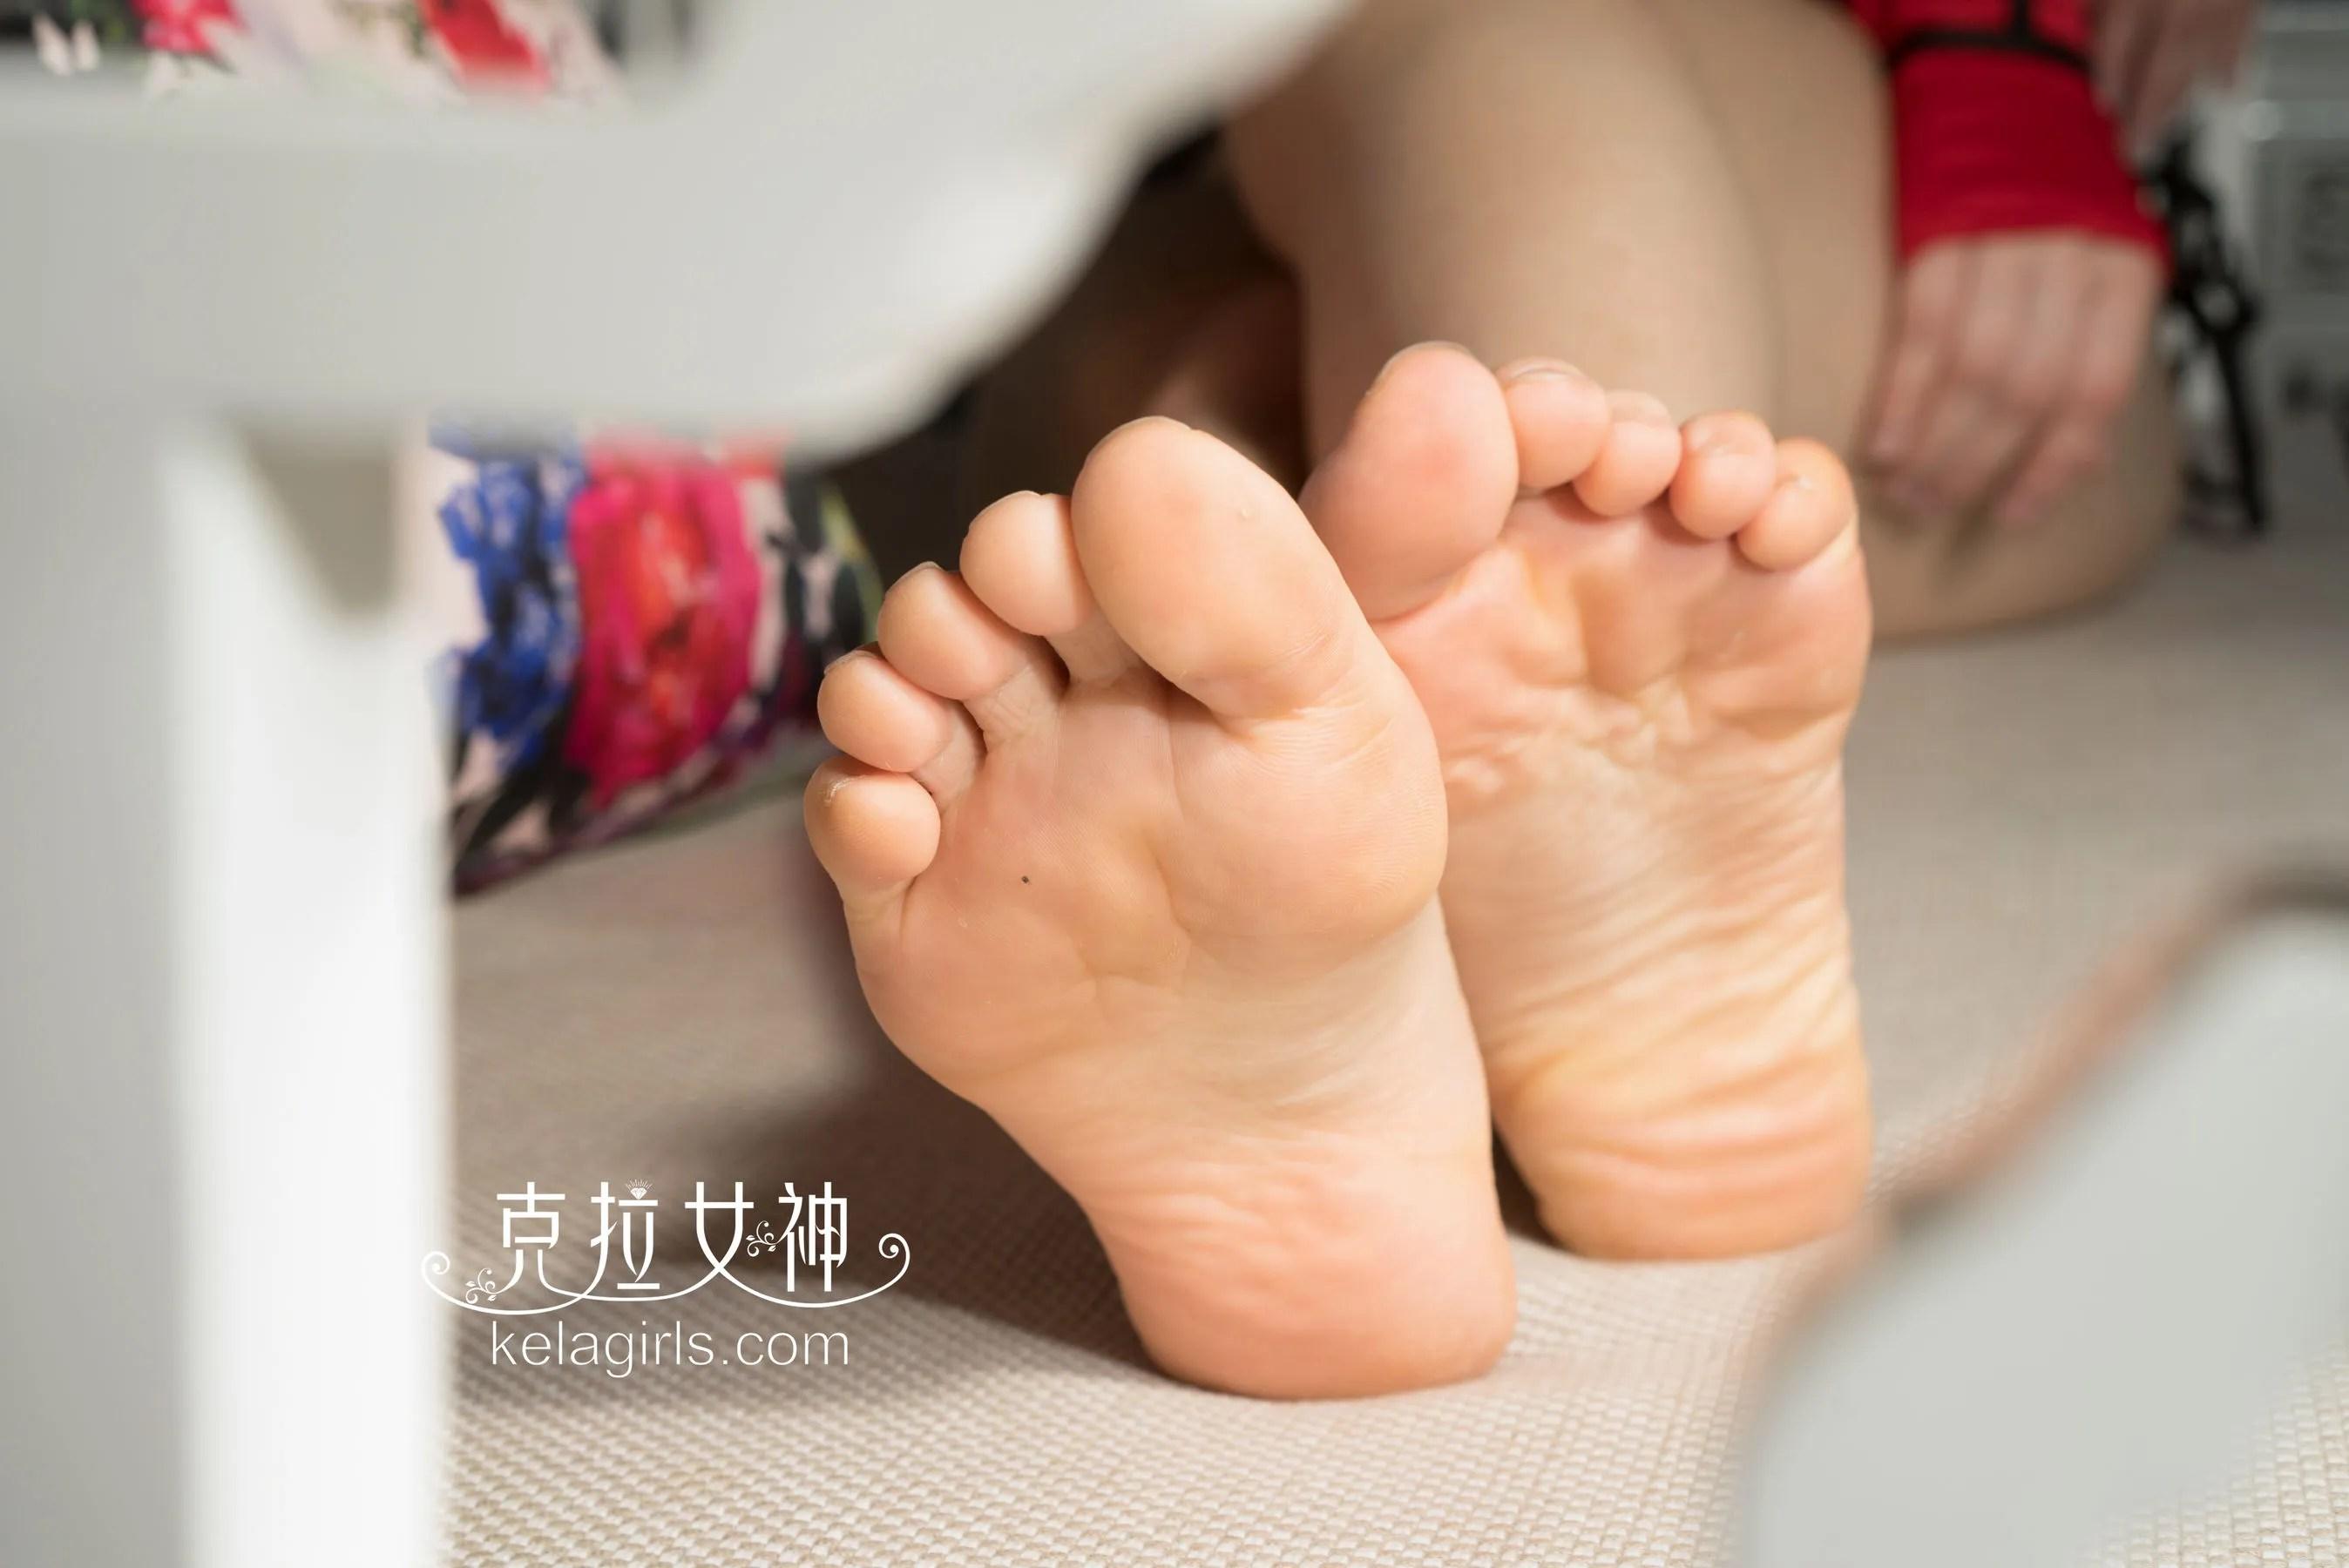 姜璐《学姐の美丫》 [克拉女神Kelagirls] 写真集[34P]插图(8)